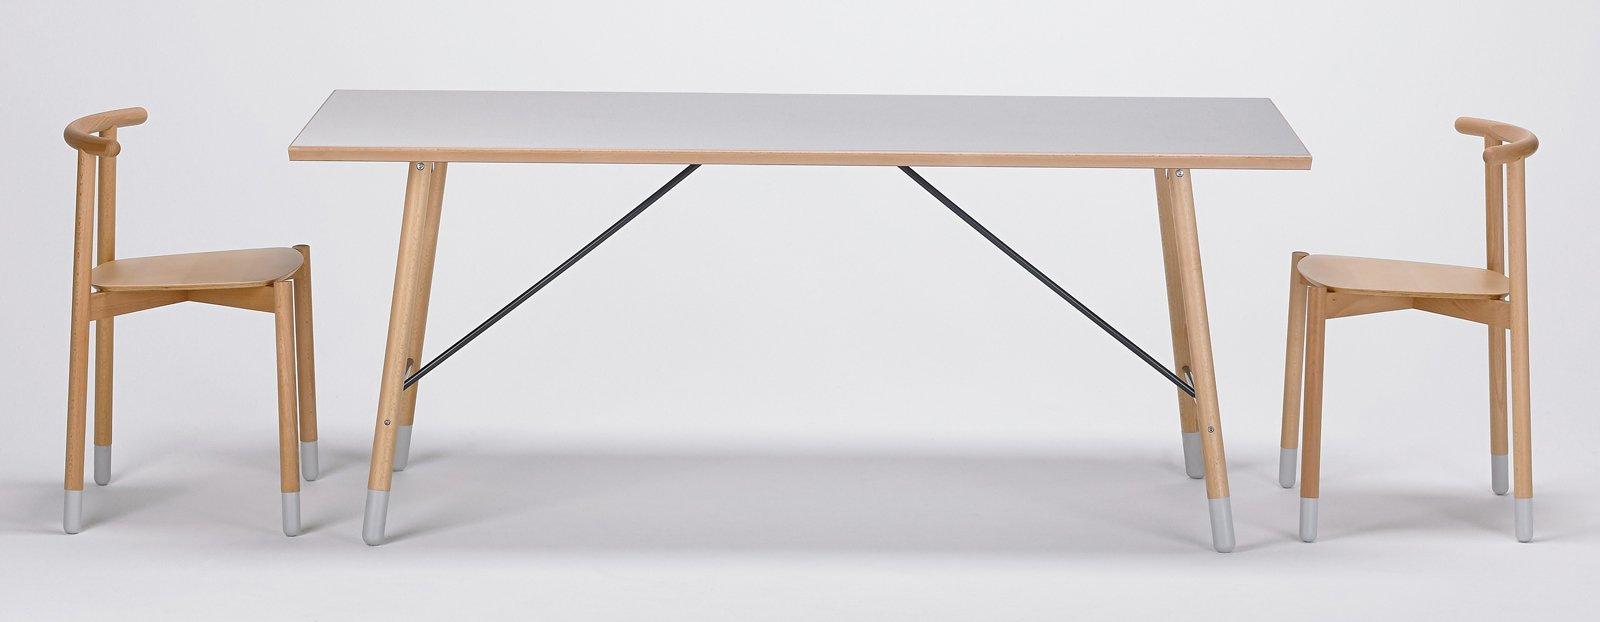 Tavolo da parete richiudibile ikea design casa creativa - Gambe per tavolo ikea ...